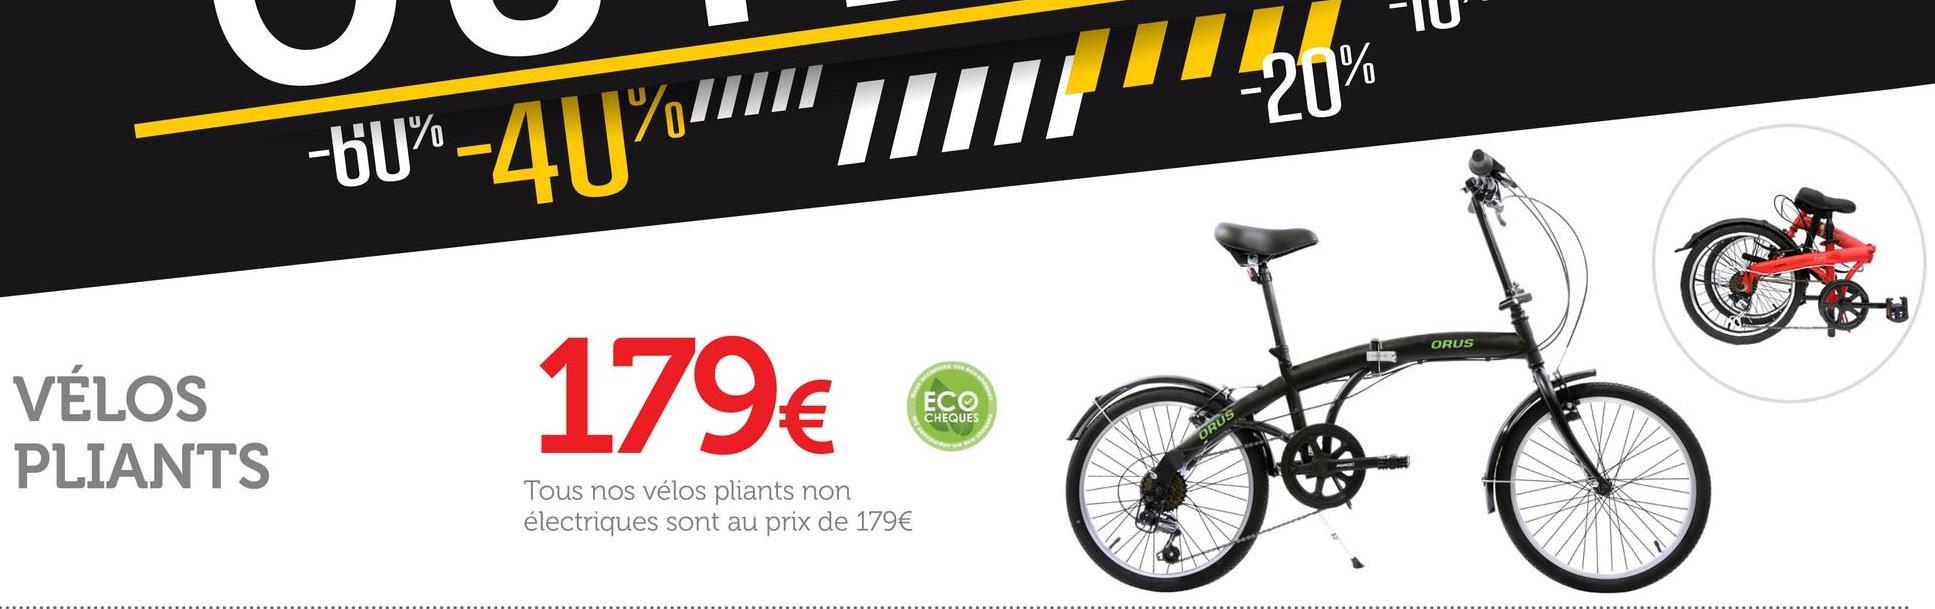 TTL) -10 -60%-40%/10 ORUS VÉLOS PLIANTS Peters ECO CHEQUES 179€ 0 ORUS Tous nos vélos pliants non électriques sont au prix de 179€